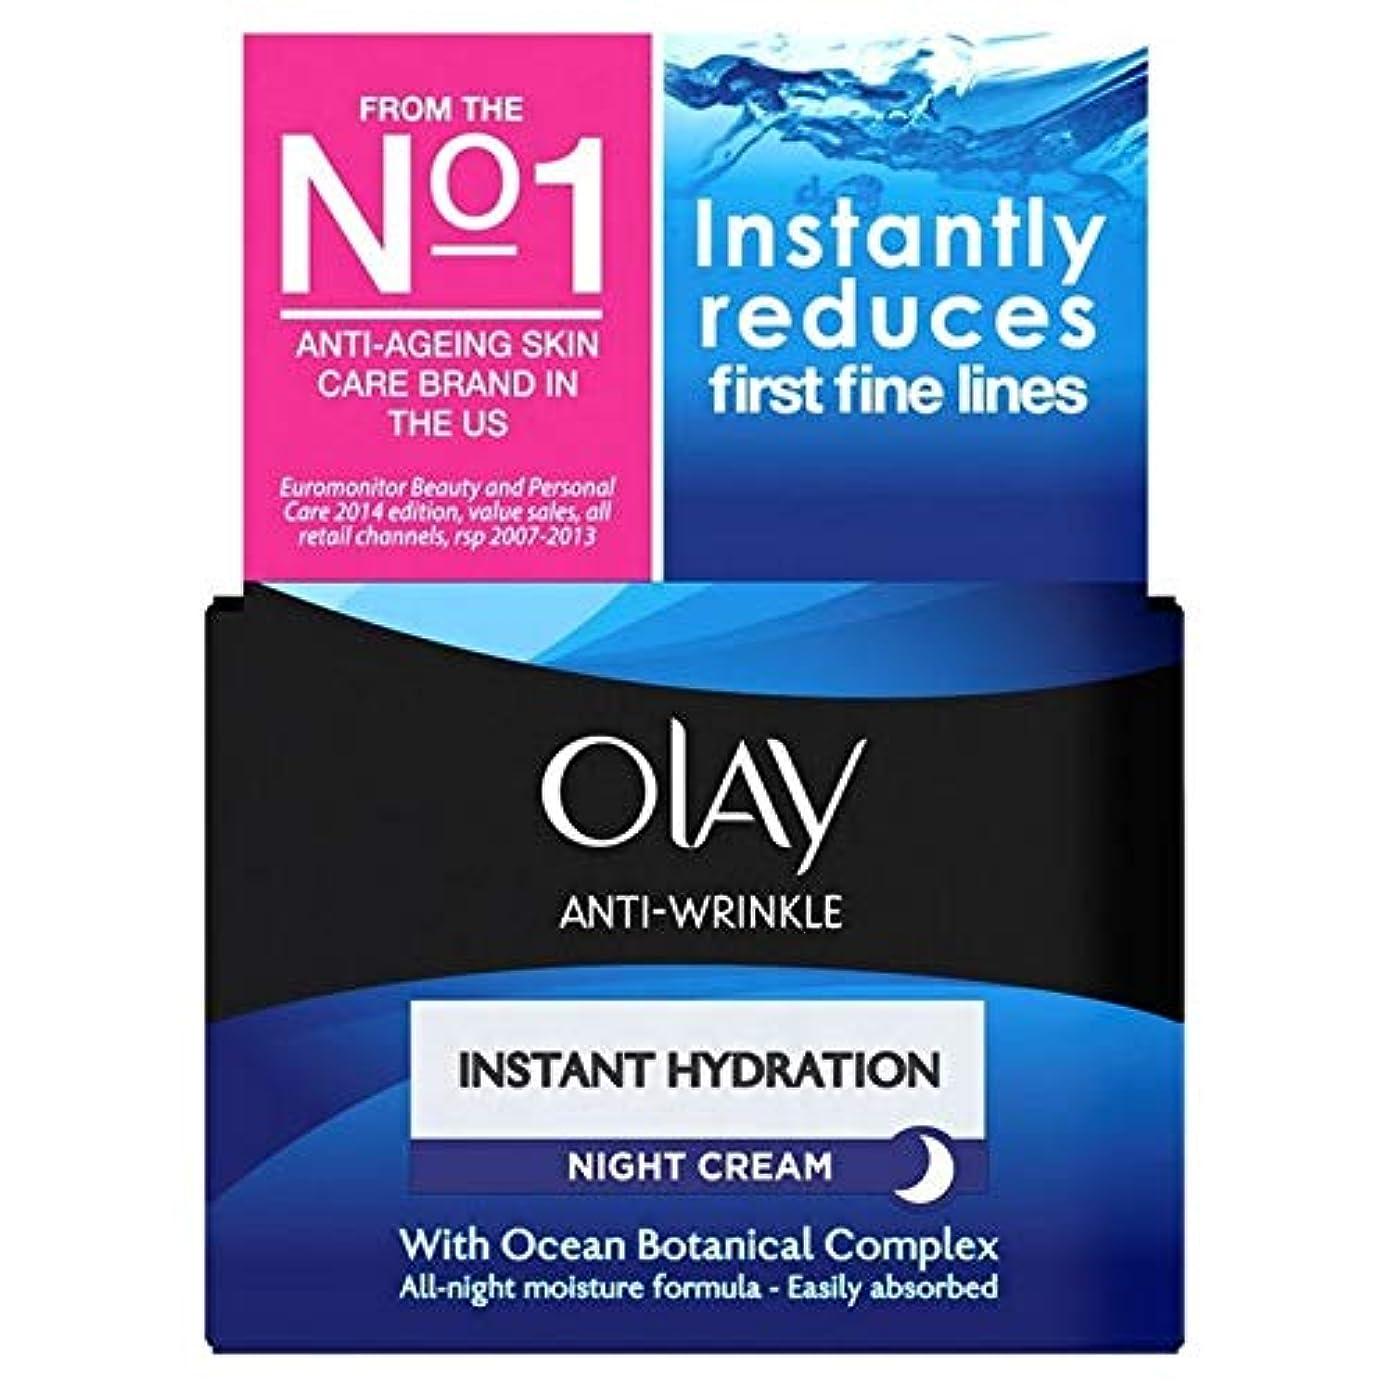 船外娯楽器具[Olay ] オーレイ抗しわインスタント水和保湿ナイトクリーム50ミリリットル - Olay Anti-Wrinkle Instant Hydration Moisturiser Night Cream 50ml [並行輸入品]